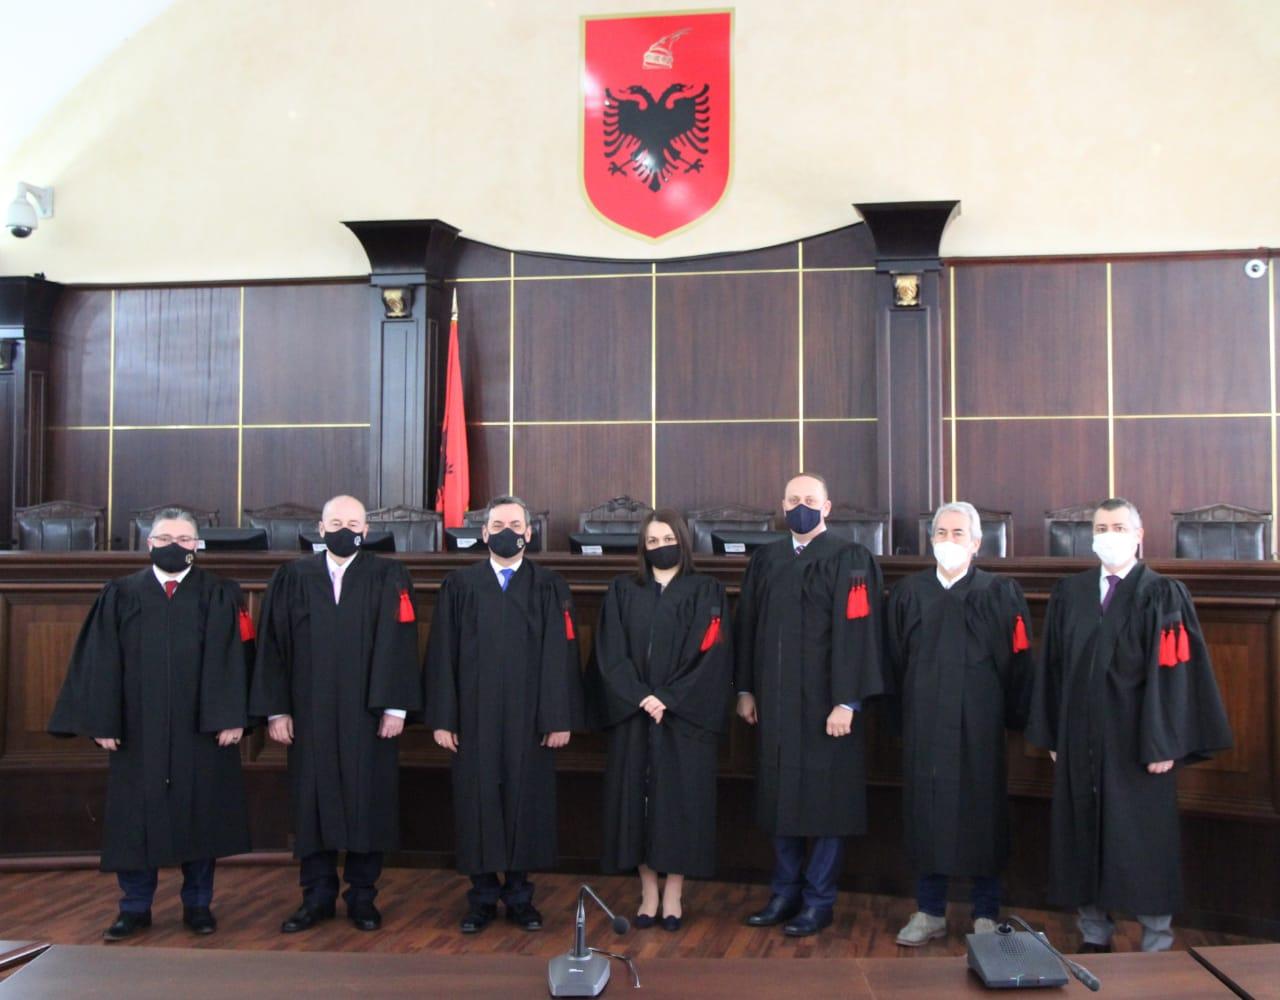 Në Gjykatën e Lartë të Republikës së Shqipërisë është zhvilluar të mërkurën ceremonia mirëseardhjes dhe fillimit të detyrës së katër anëtarëve më të rinj të trupës gjyqësore, gjyqtarëve Sokol Binaj, Albana Boksi, Sandër Simoni dhe Klodian Kurushi.